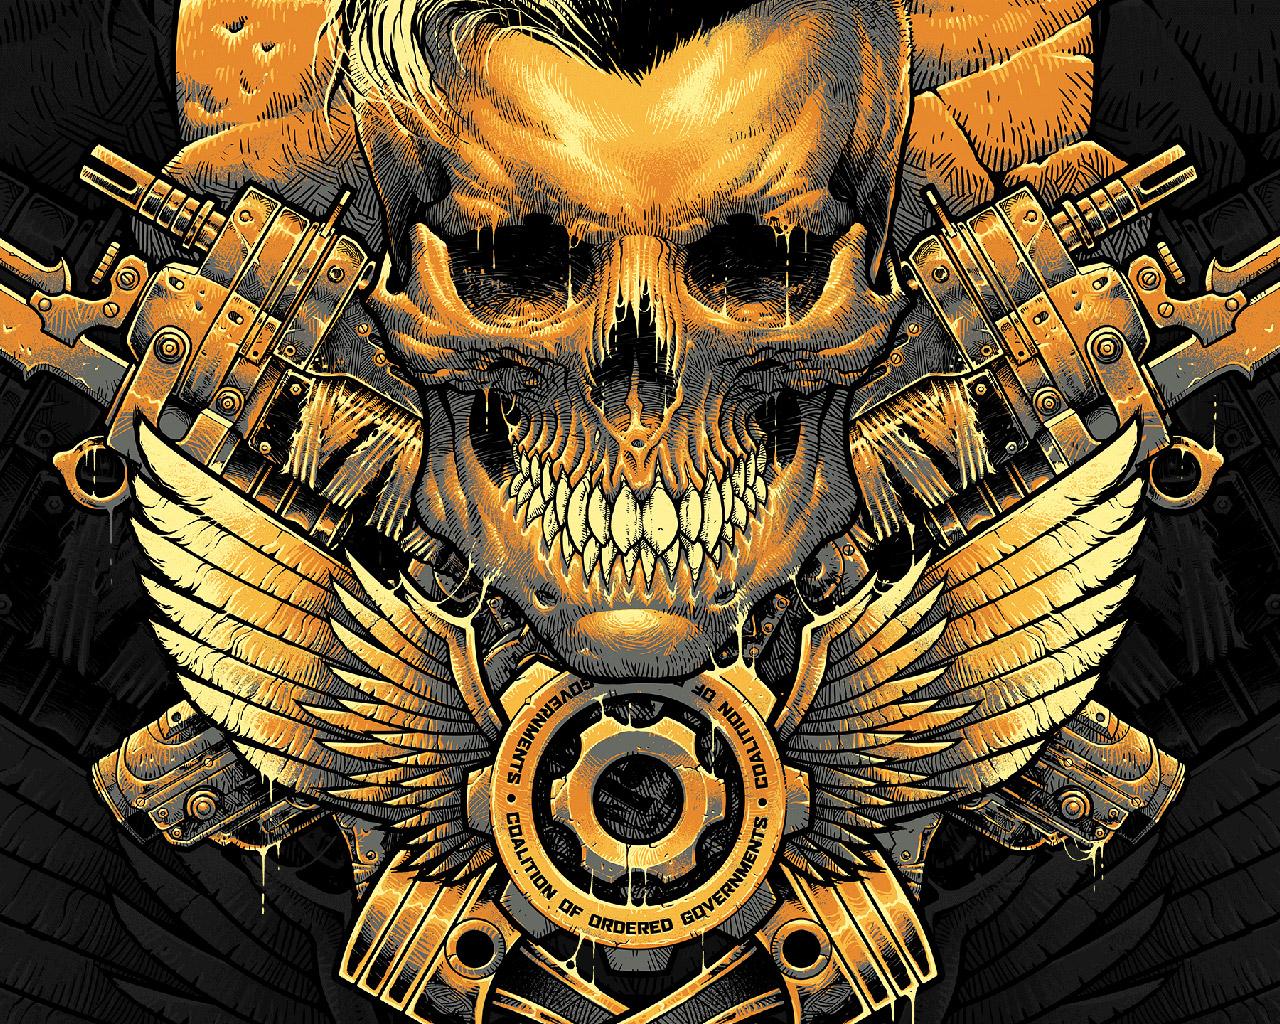 Gears Tactics Wallpaper in 1280x1024